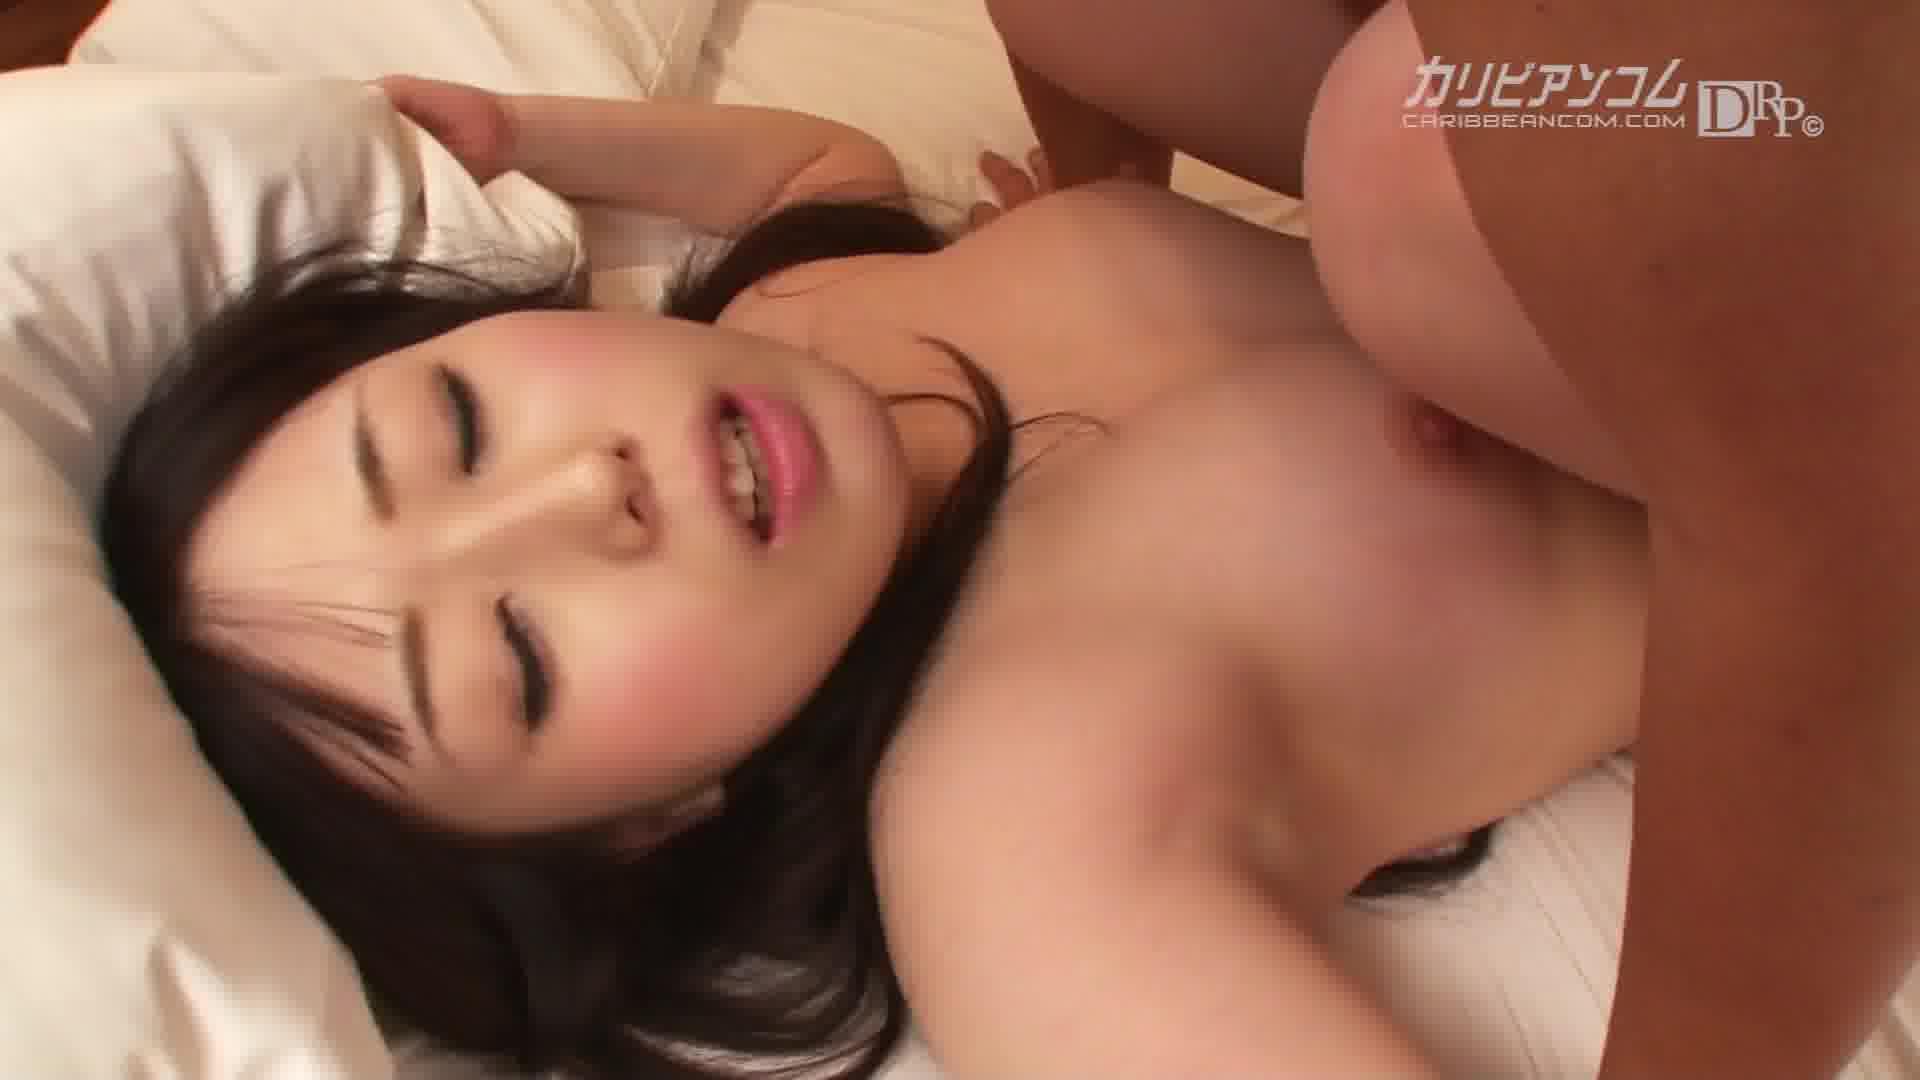 新人アイドルご奉仕メイド - 尾野真知子【メイド・コスプレ・企画物】